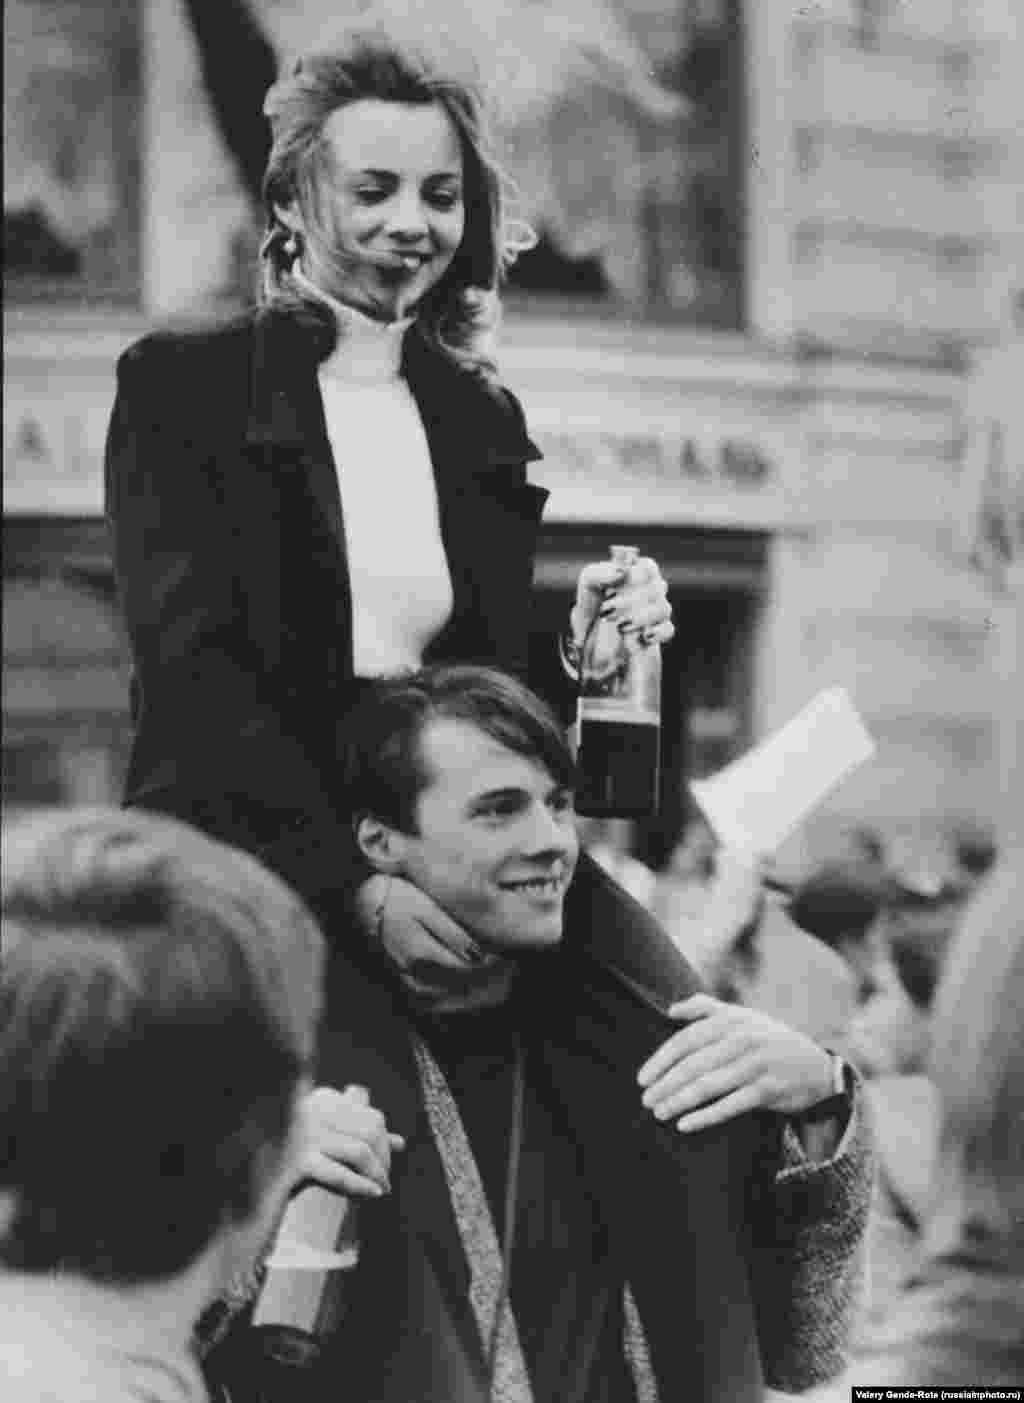 Молодые люди отмечают 850-летие Москвы, 1997 год. Гуляния продолжались целую неделю